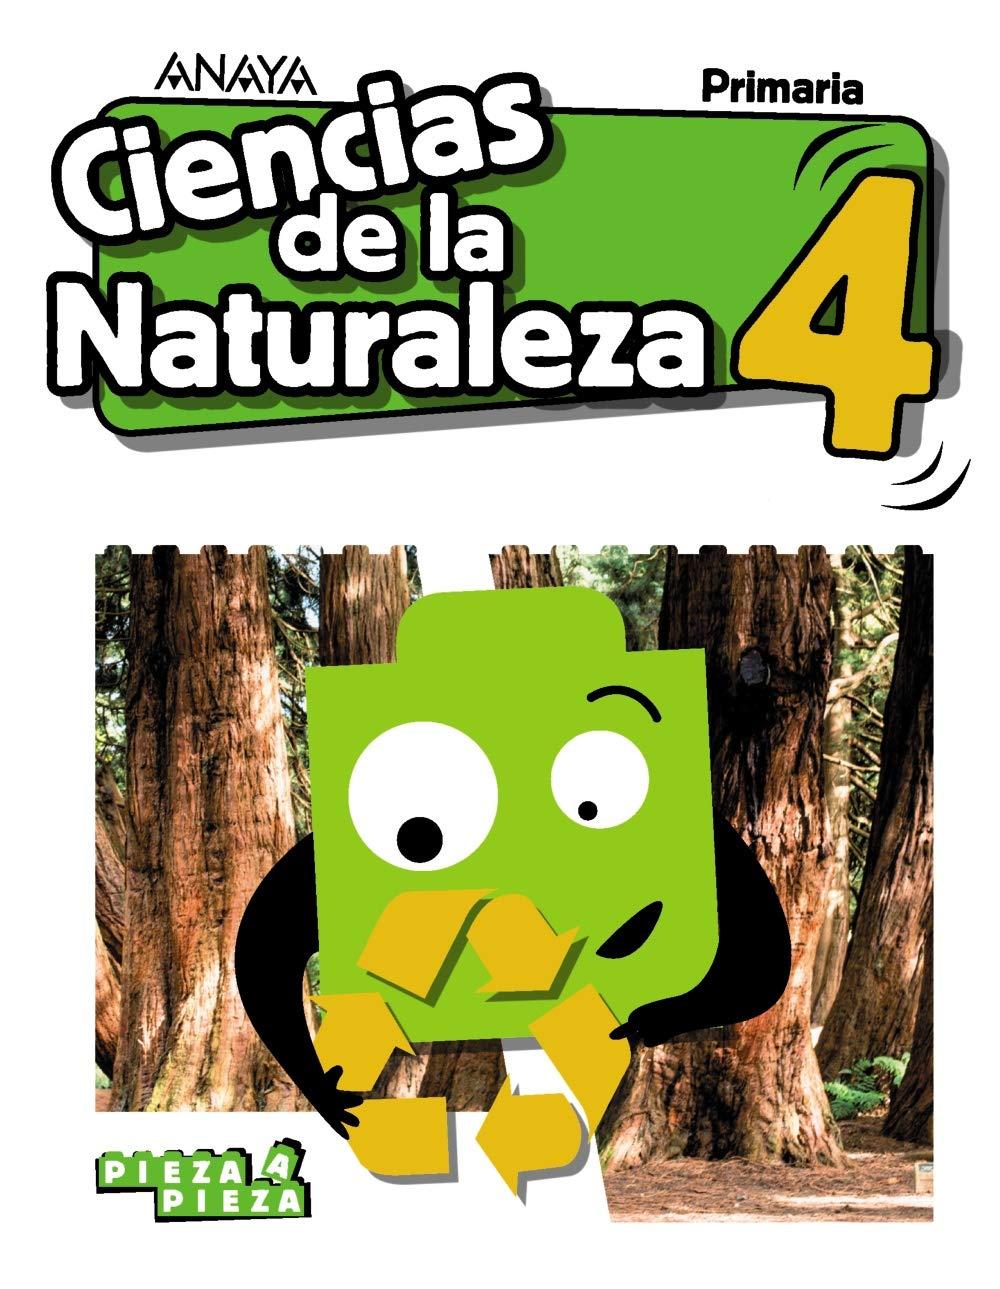 Ciencias De La Naturaleza 4 Pieza A Pieza Gómez Gil Ricardo Valbuena Pradillo Rafael Amazon Es Libros